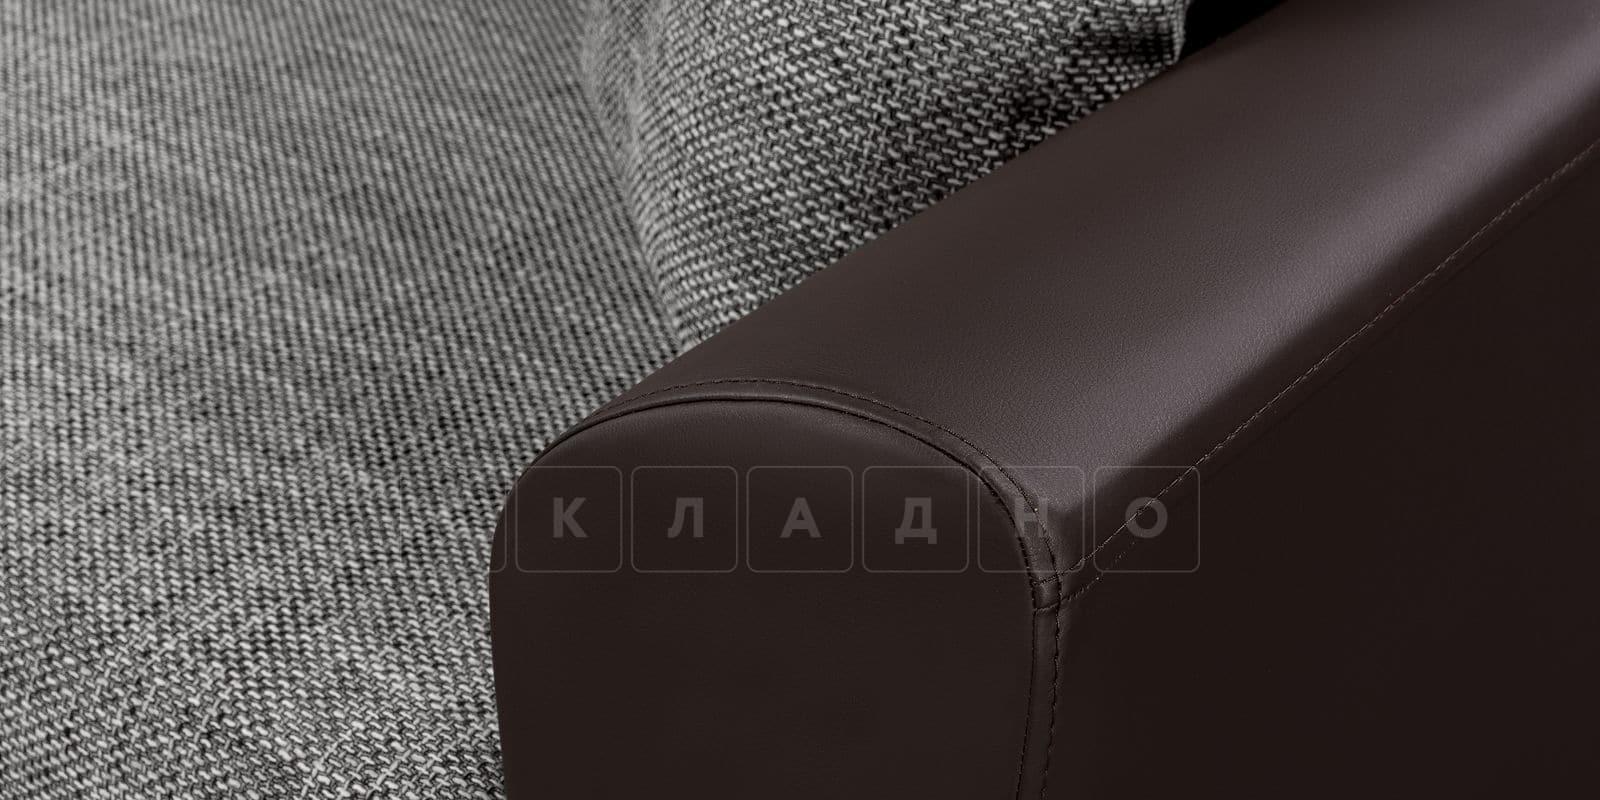 Диван прямой Амстердам кожаный с рогожкой серый фото 7 | интернет-магазин Складно